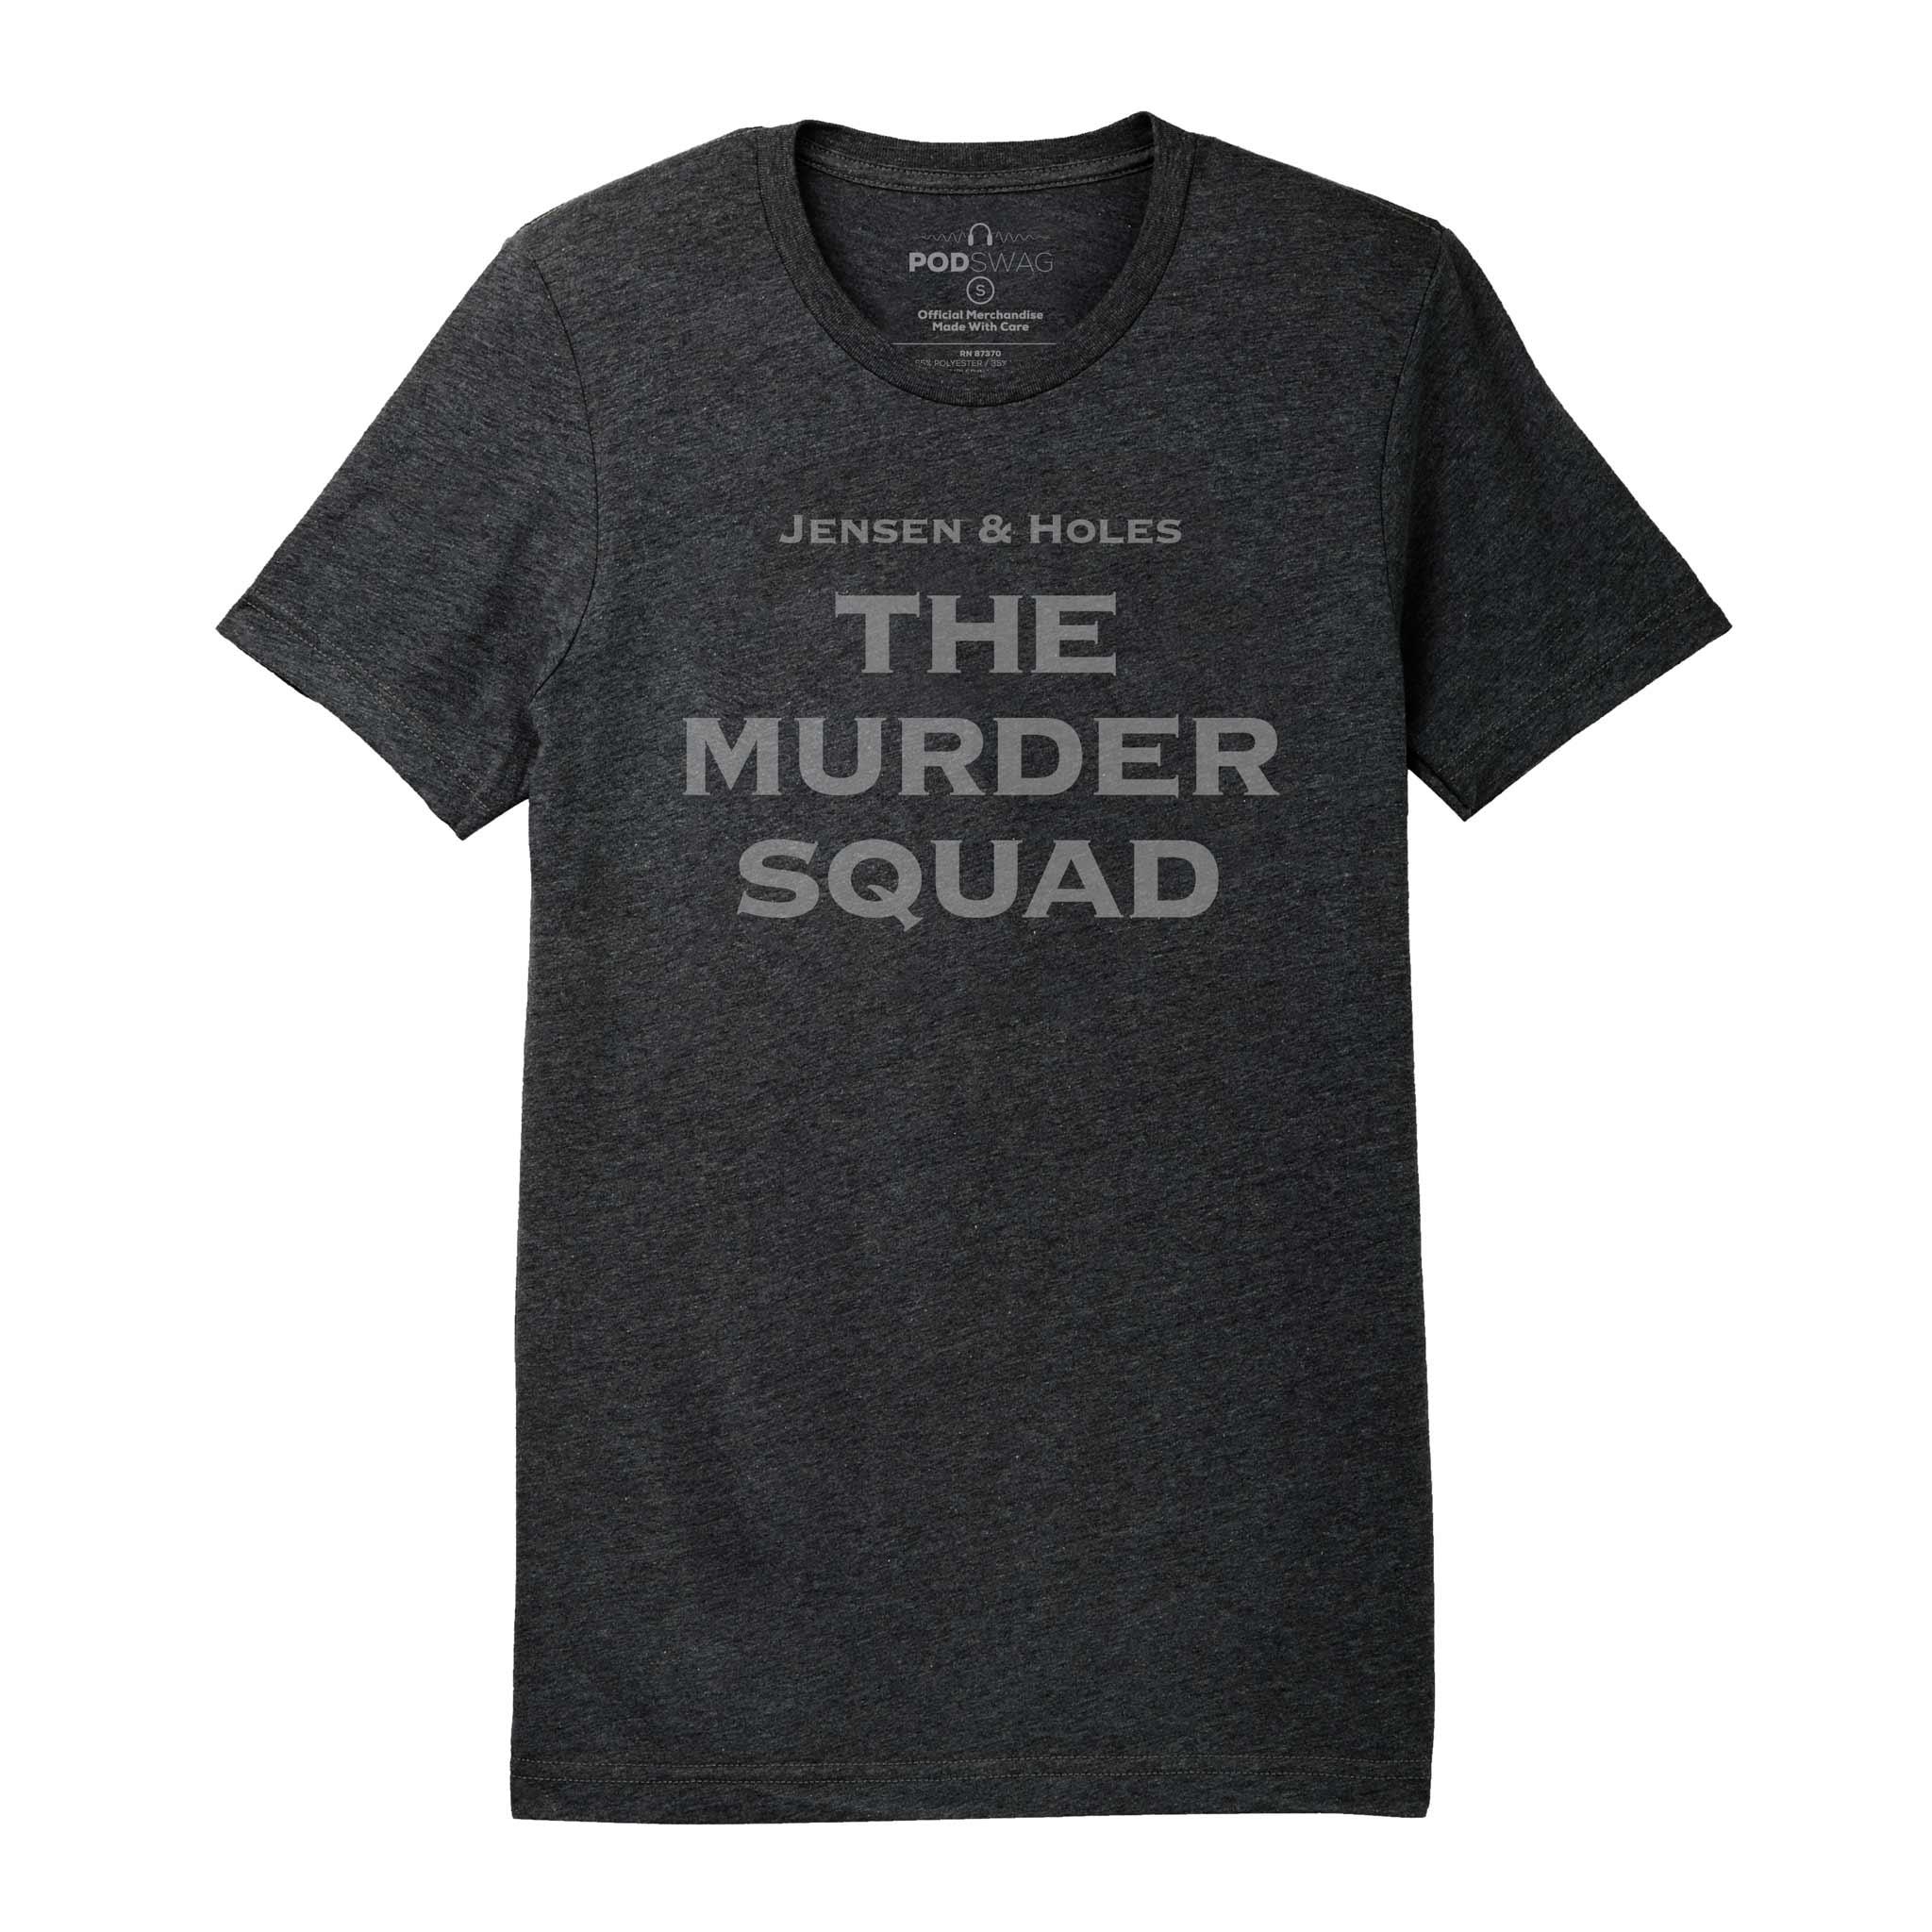 Jensen & Holes T-shirt $25